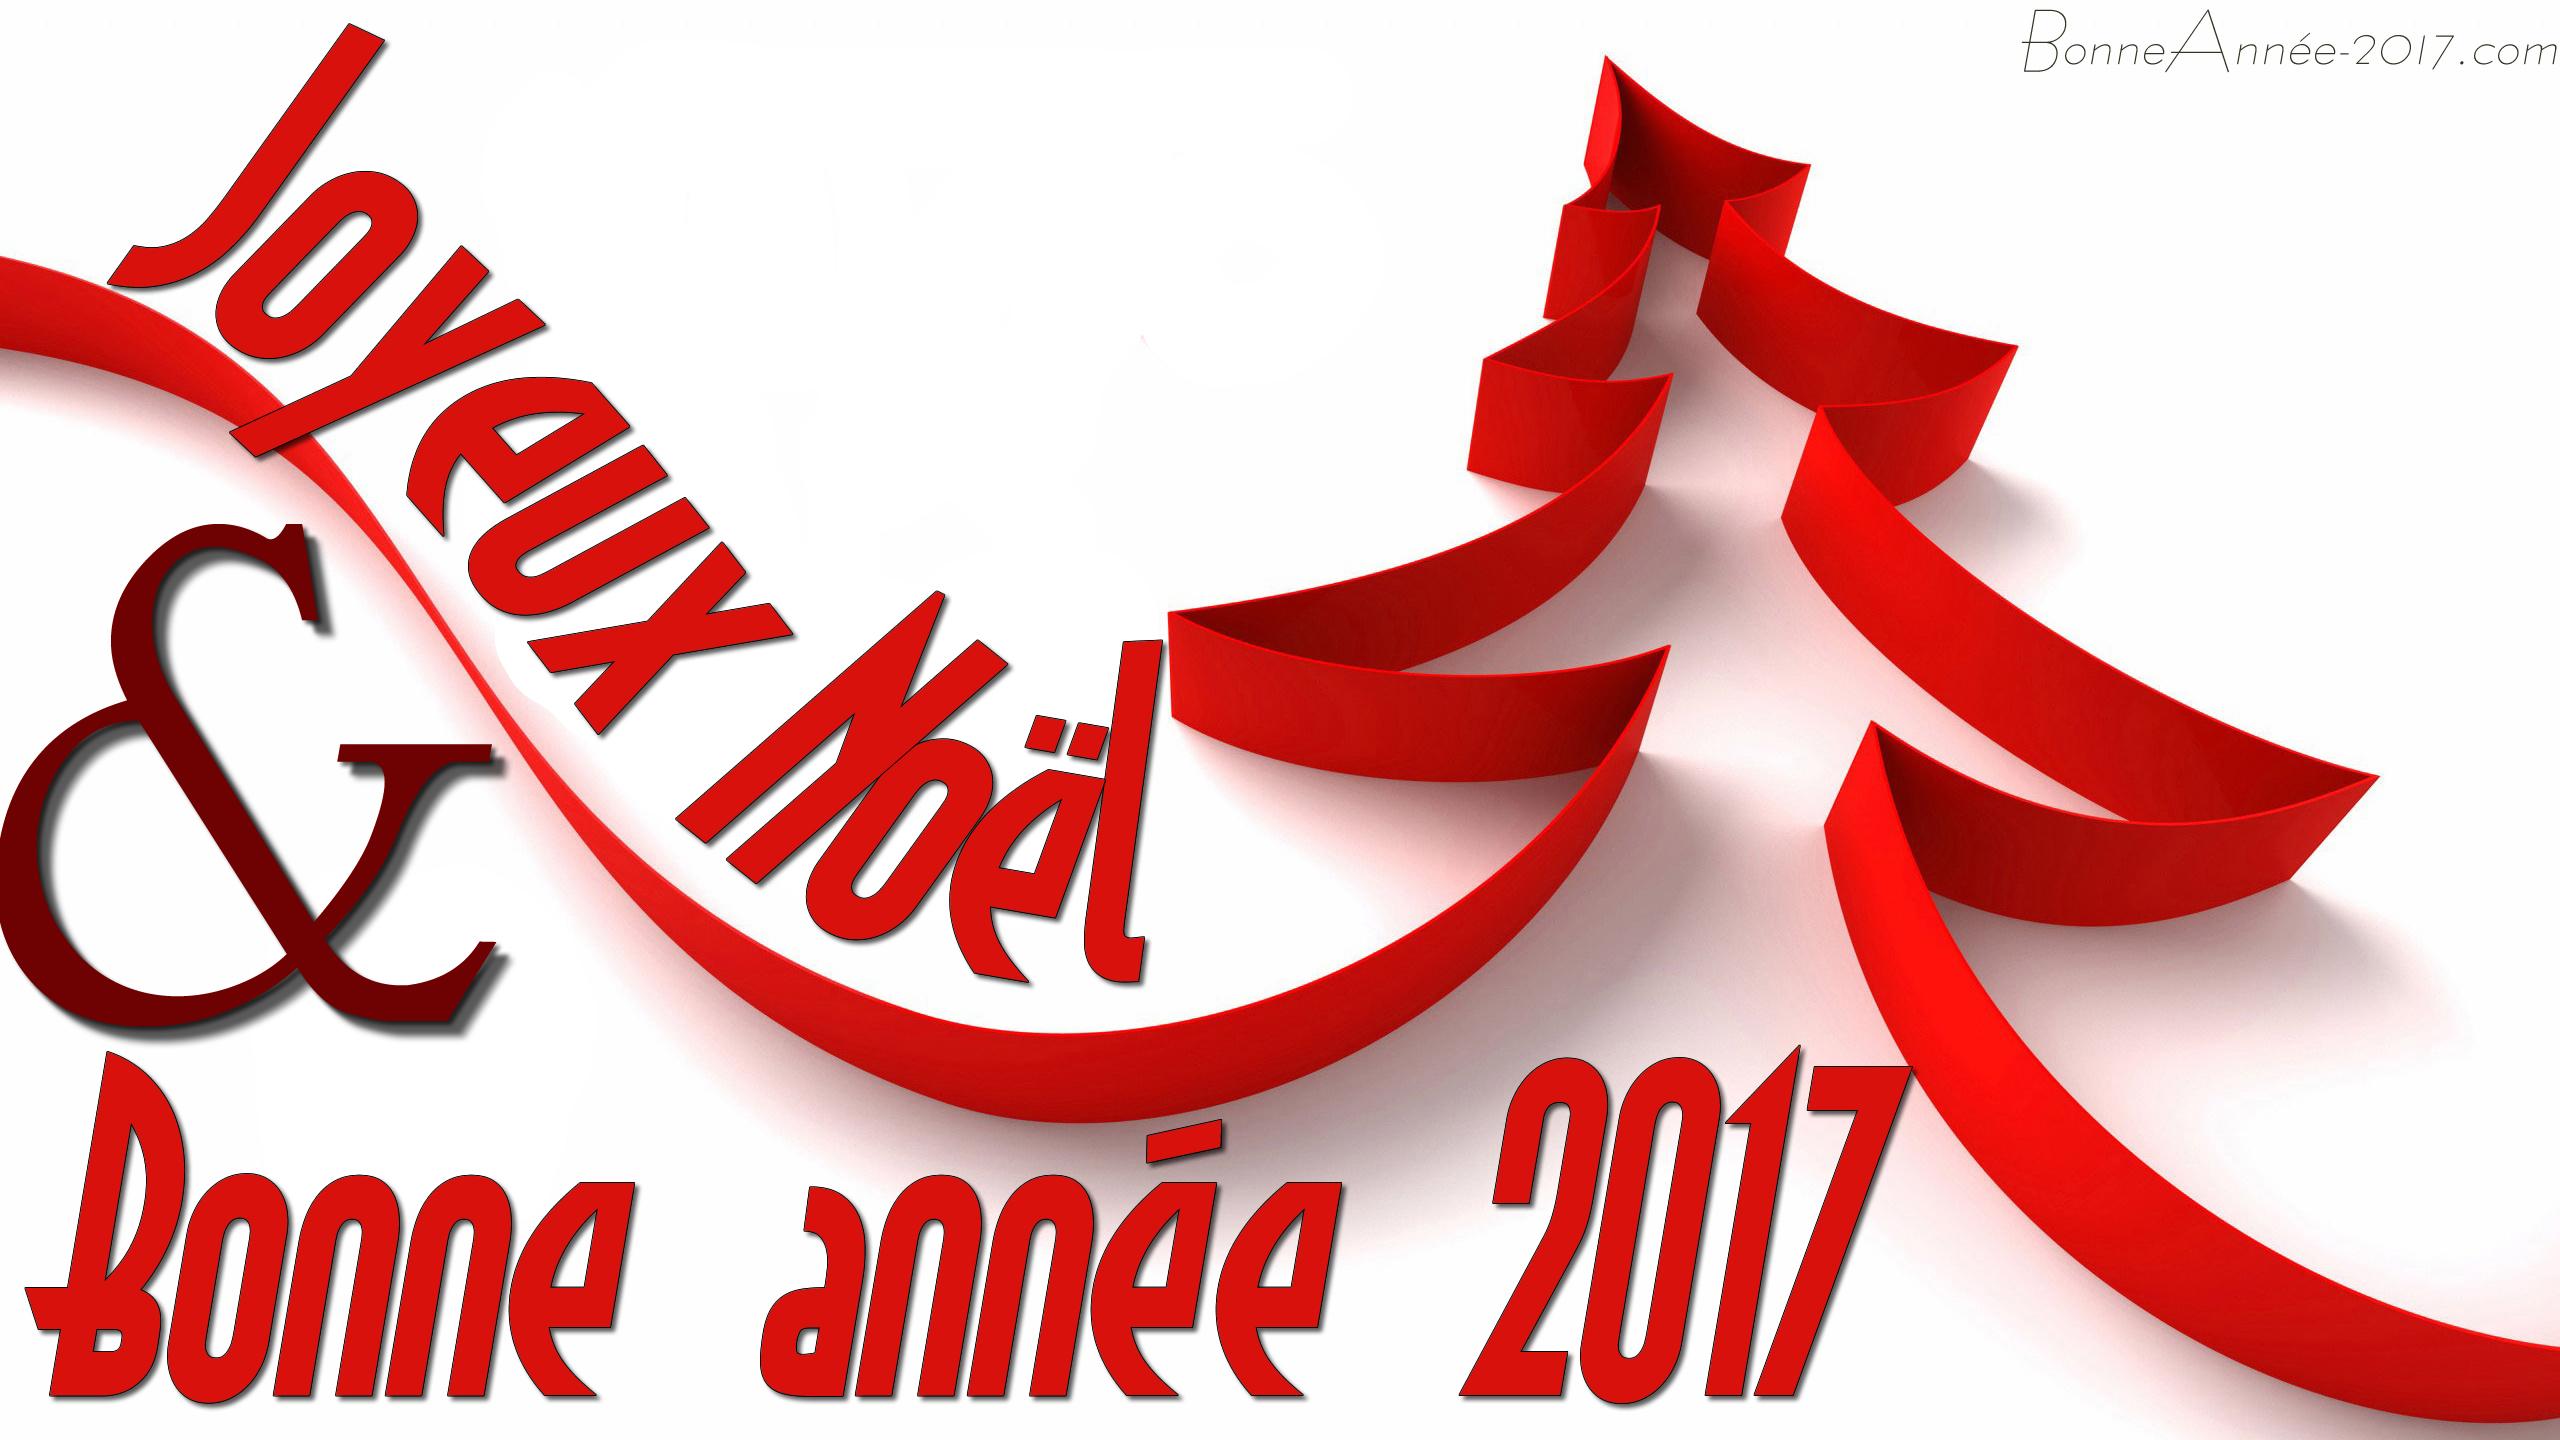 L o lagrange 65 joyeux no l et bonne ann e 2017 joyeux no l et bonne ann e 2017 l o - Cartes de voeux virtuelles 2017 ...